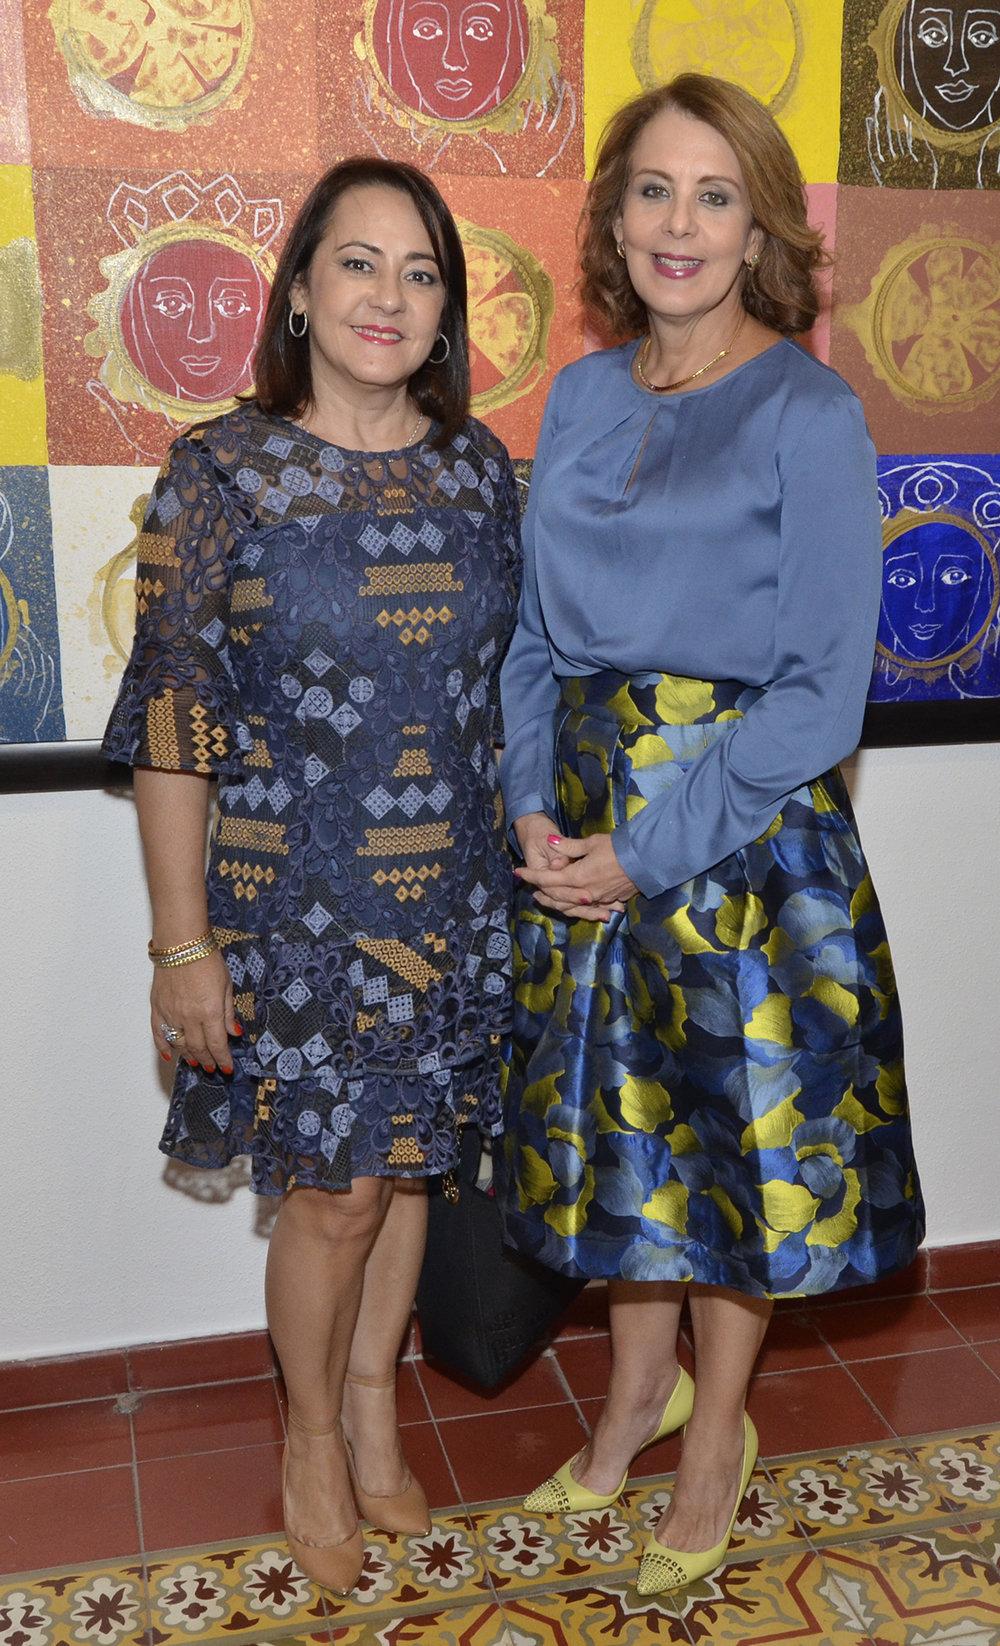 Foto 2 Norma Molina y Clarissa de la Rocha de Torres.JPG